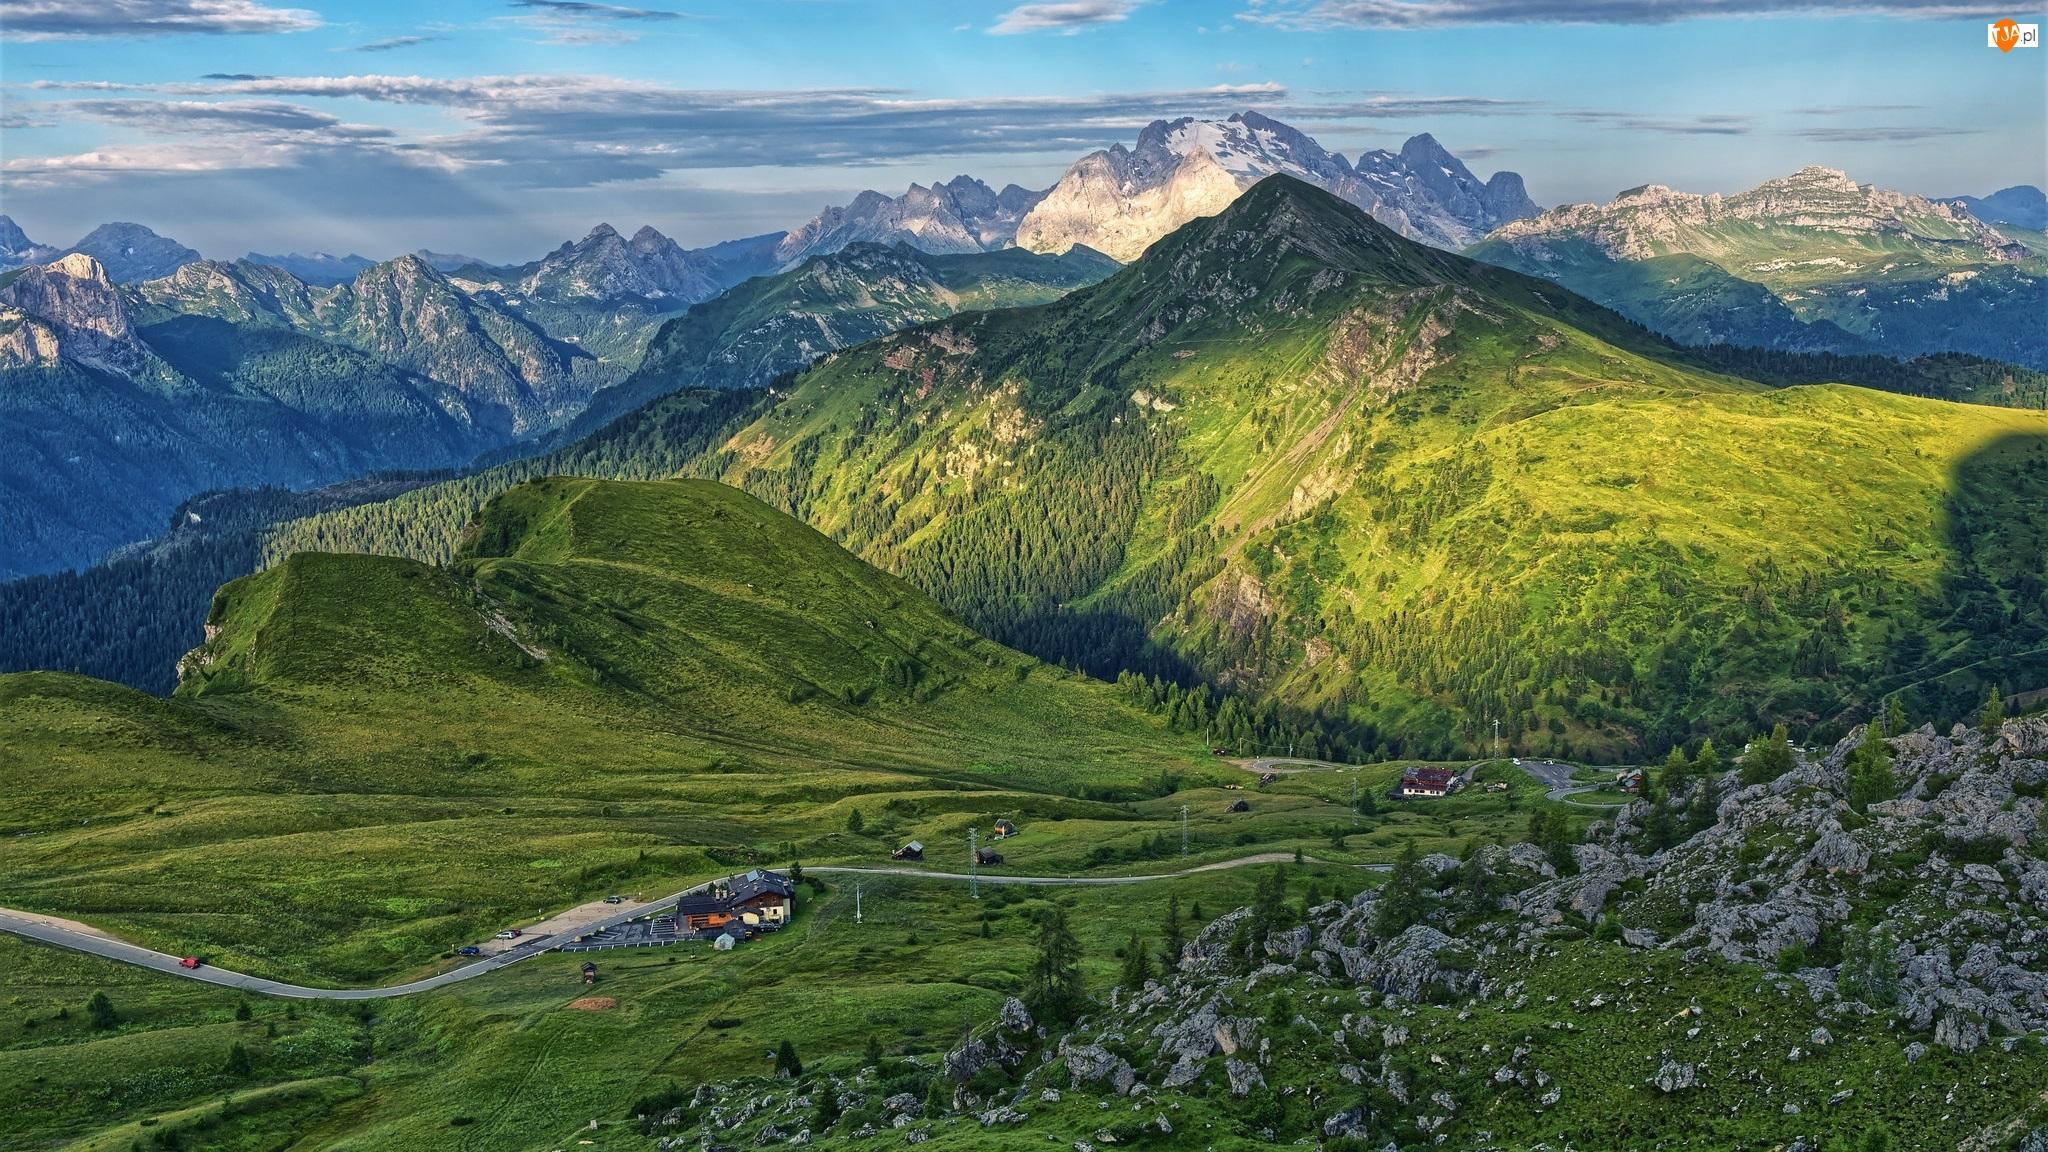 Włochy, Góry, Góra Monte Pore, Szczyty, Dolomity, Droga, Domy, Zalesione, Skały